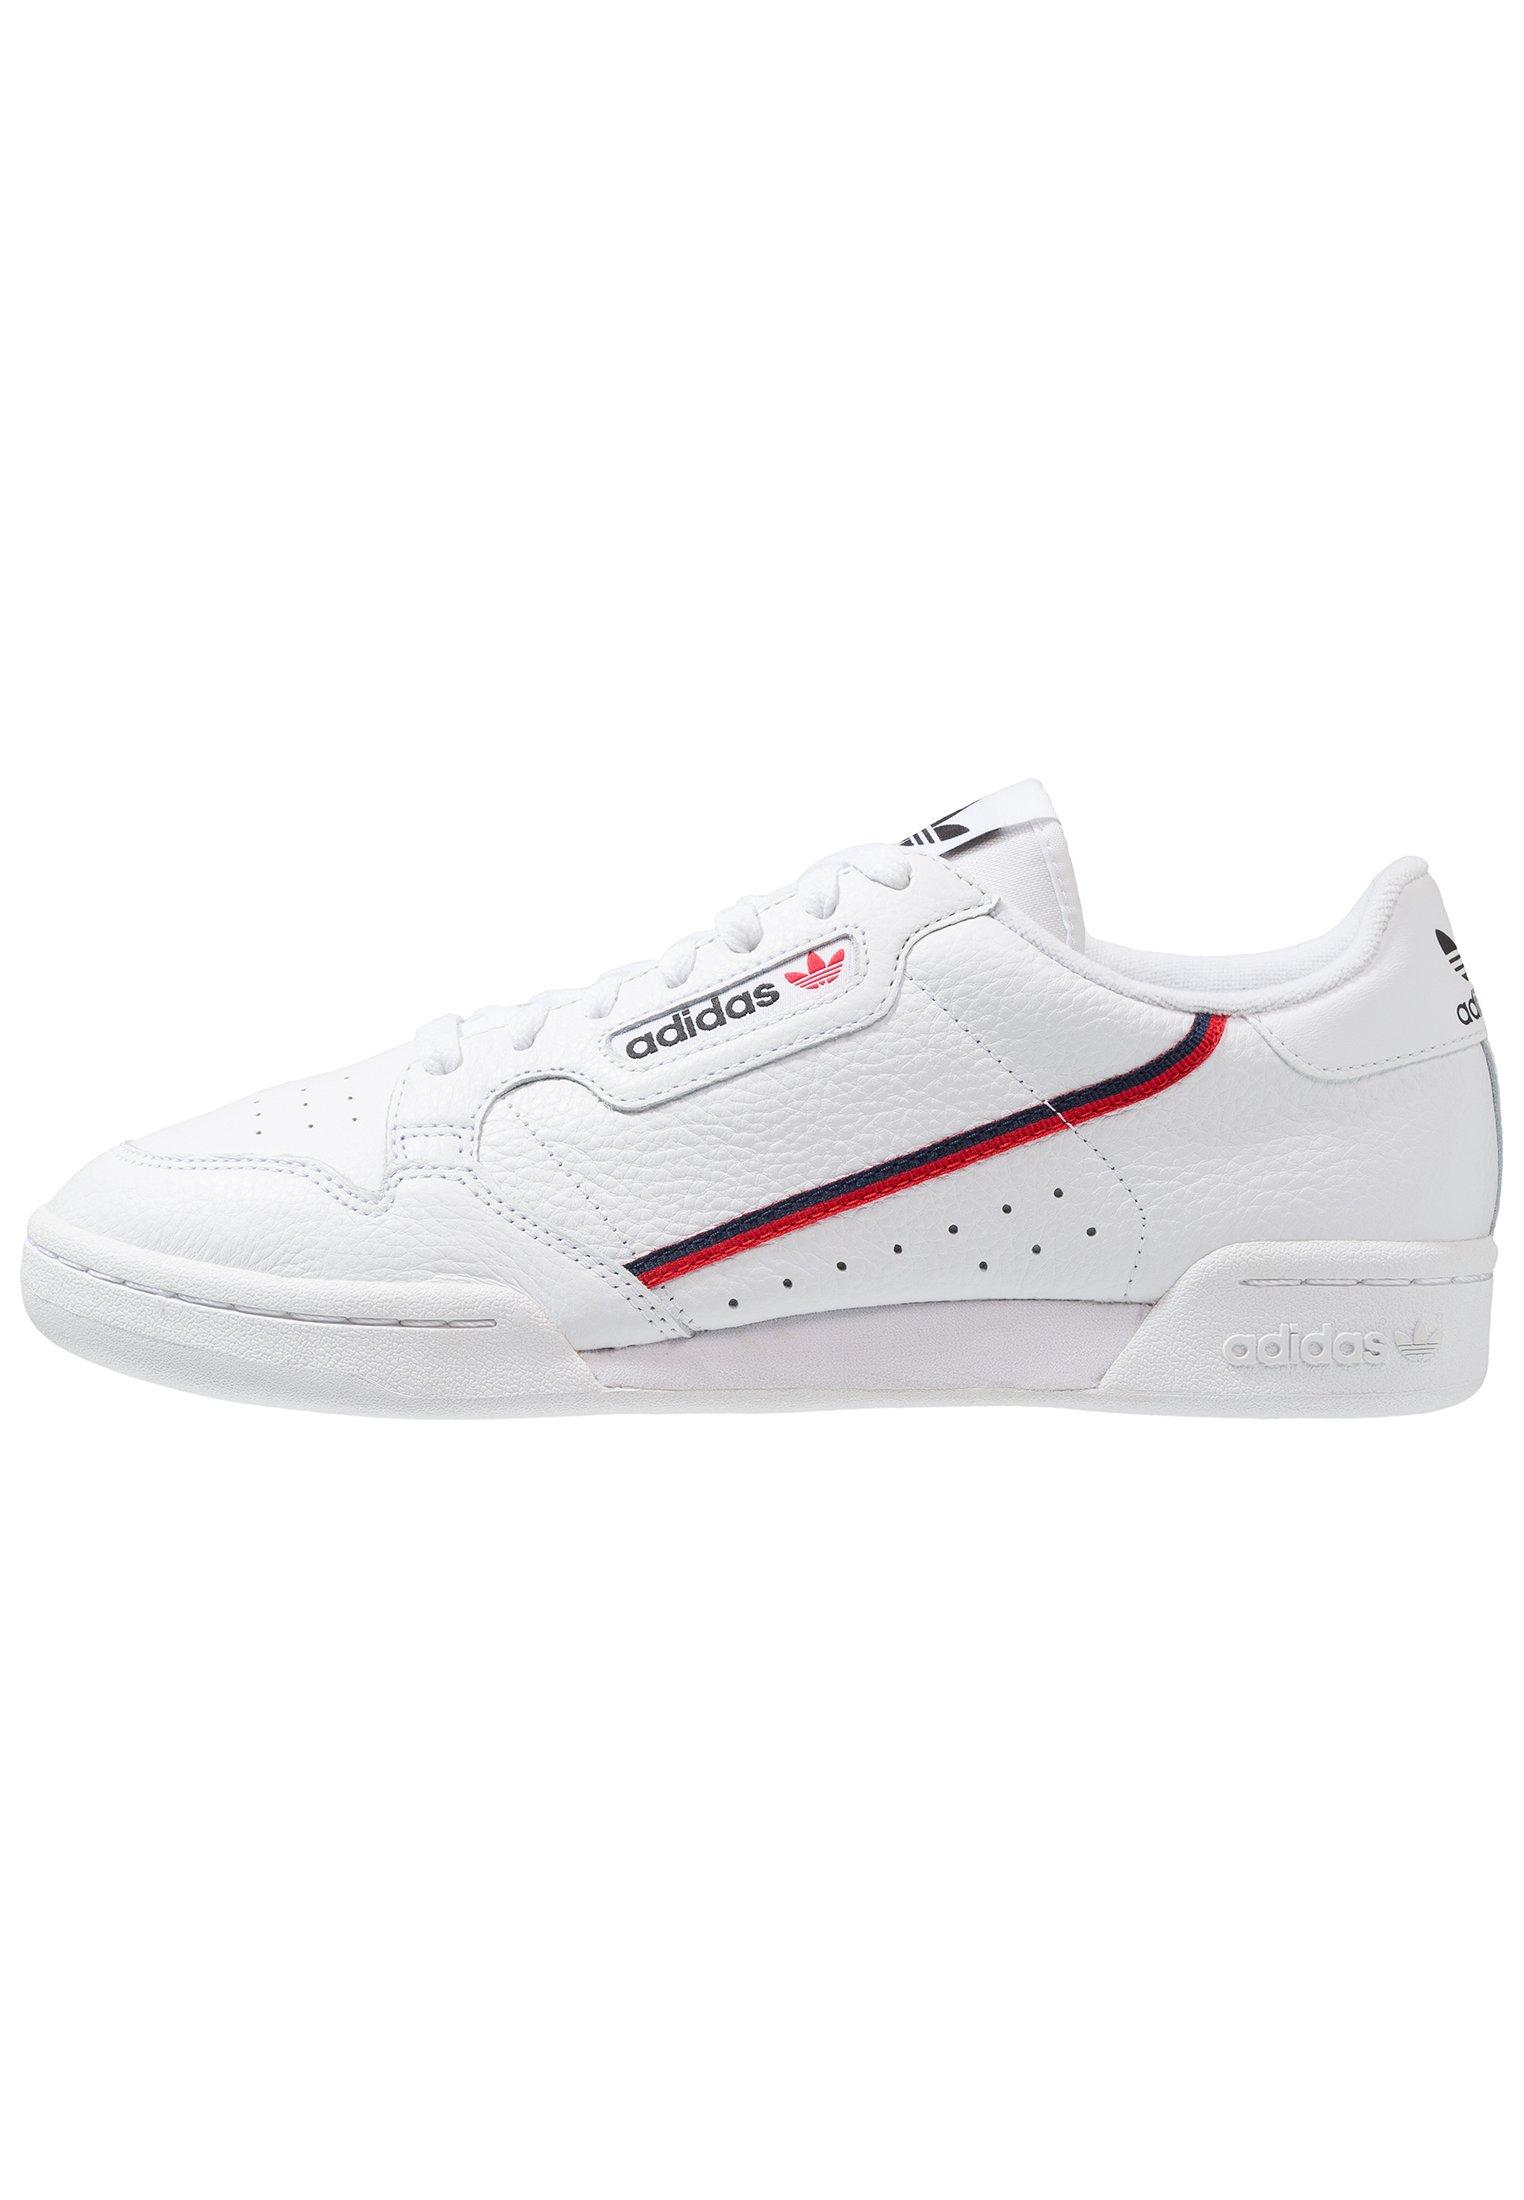 CONTINENTAL 80 SKATEBOARD SHOES Sneakers laag footwear whitescarletcollegiate navy